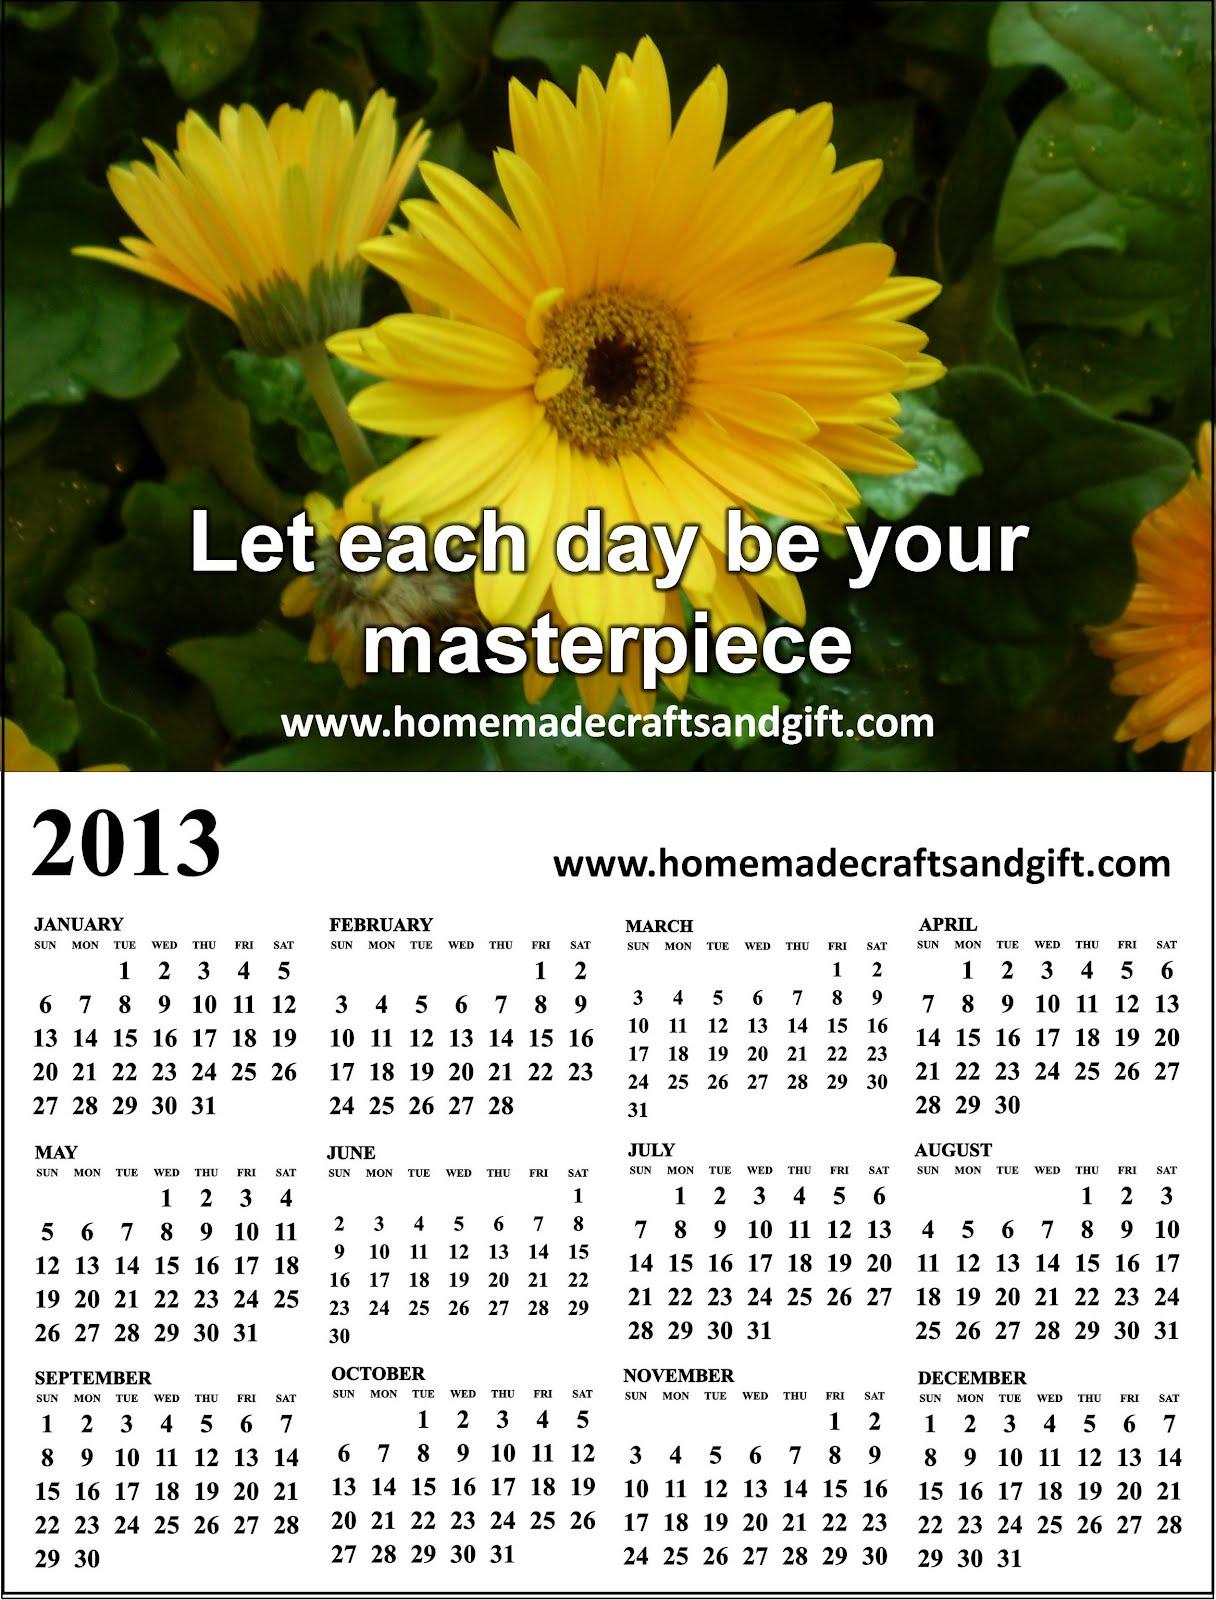 http://4.bp.blogspot.com/-kE9h9p2QZNM/UAjMw9zma1I/AAAAAAAAchM/ELt3LtcK23I/s1600/HM2+Wallpaper+2013+Calendar+picture.jpg